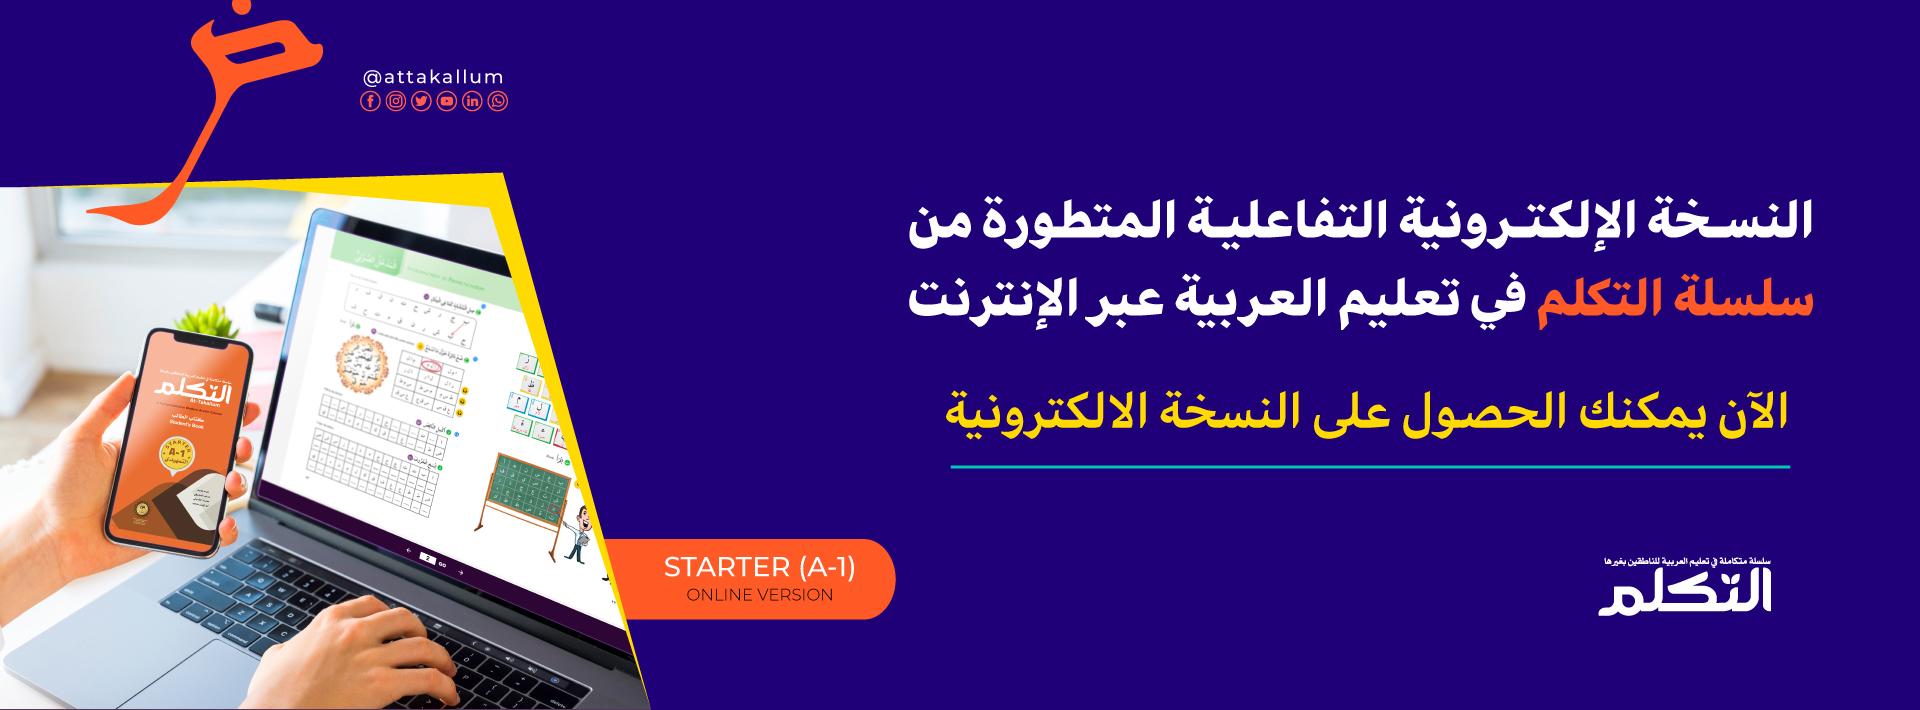 online learn Arabic